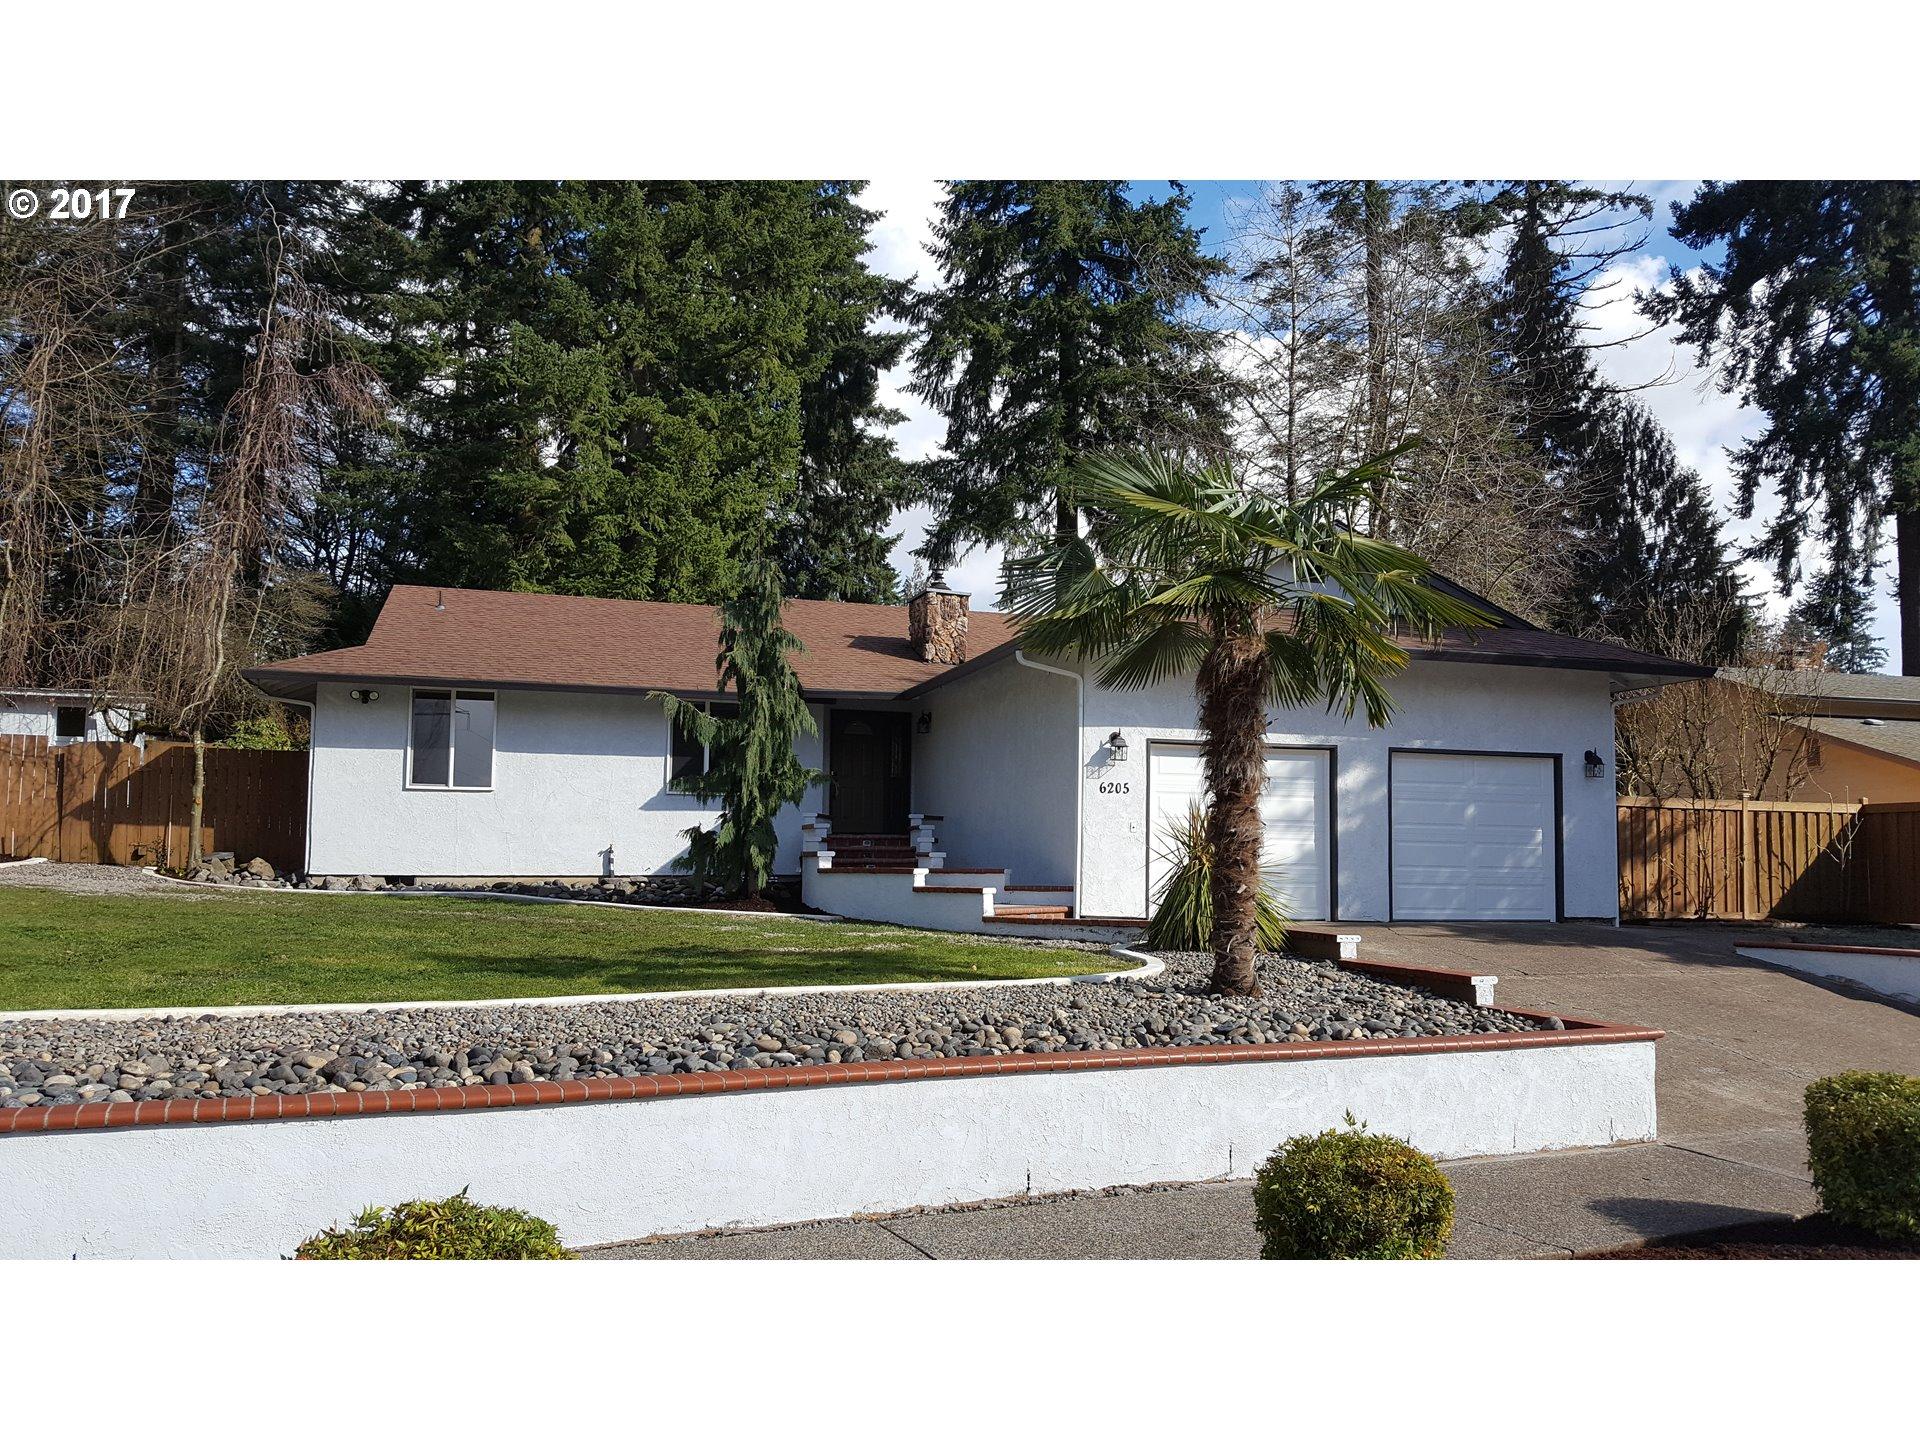 6205 NE 19TH AVE, Vancouver, WA 98665